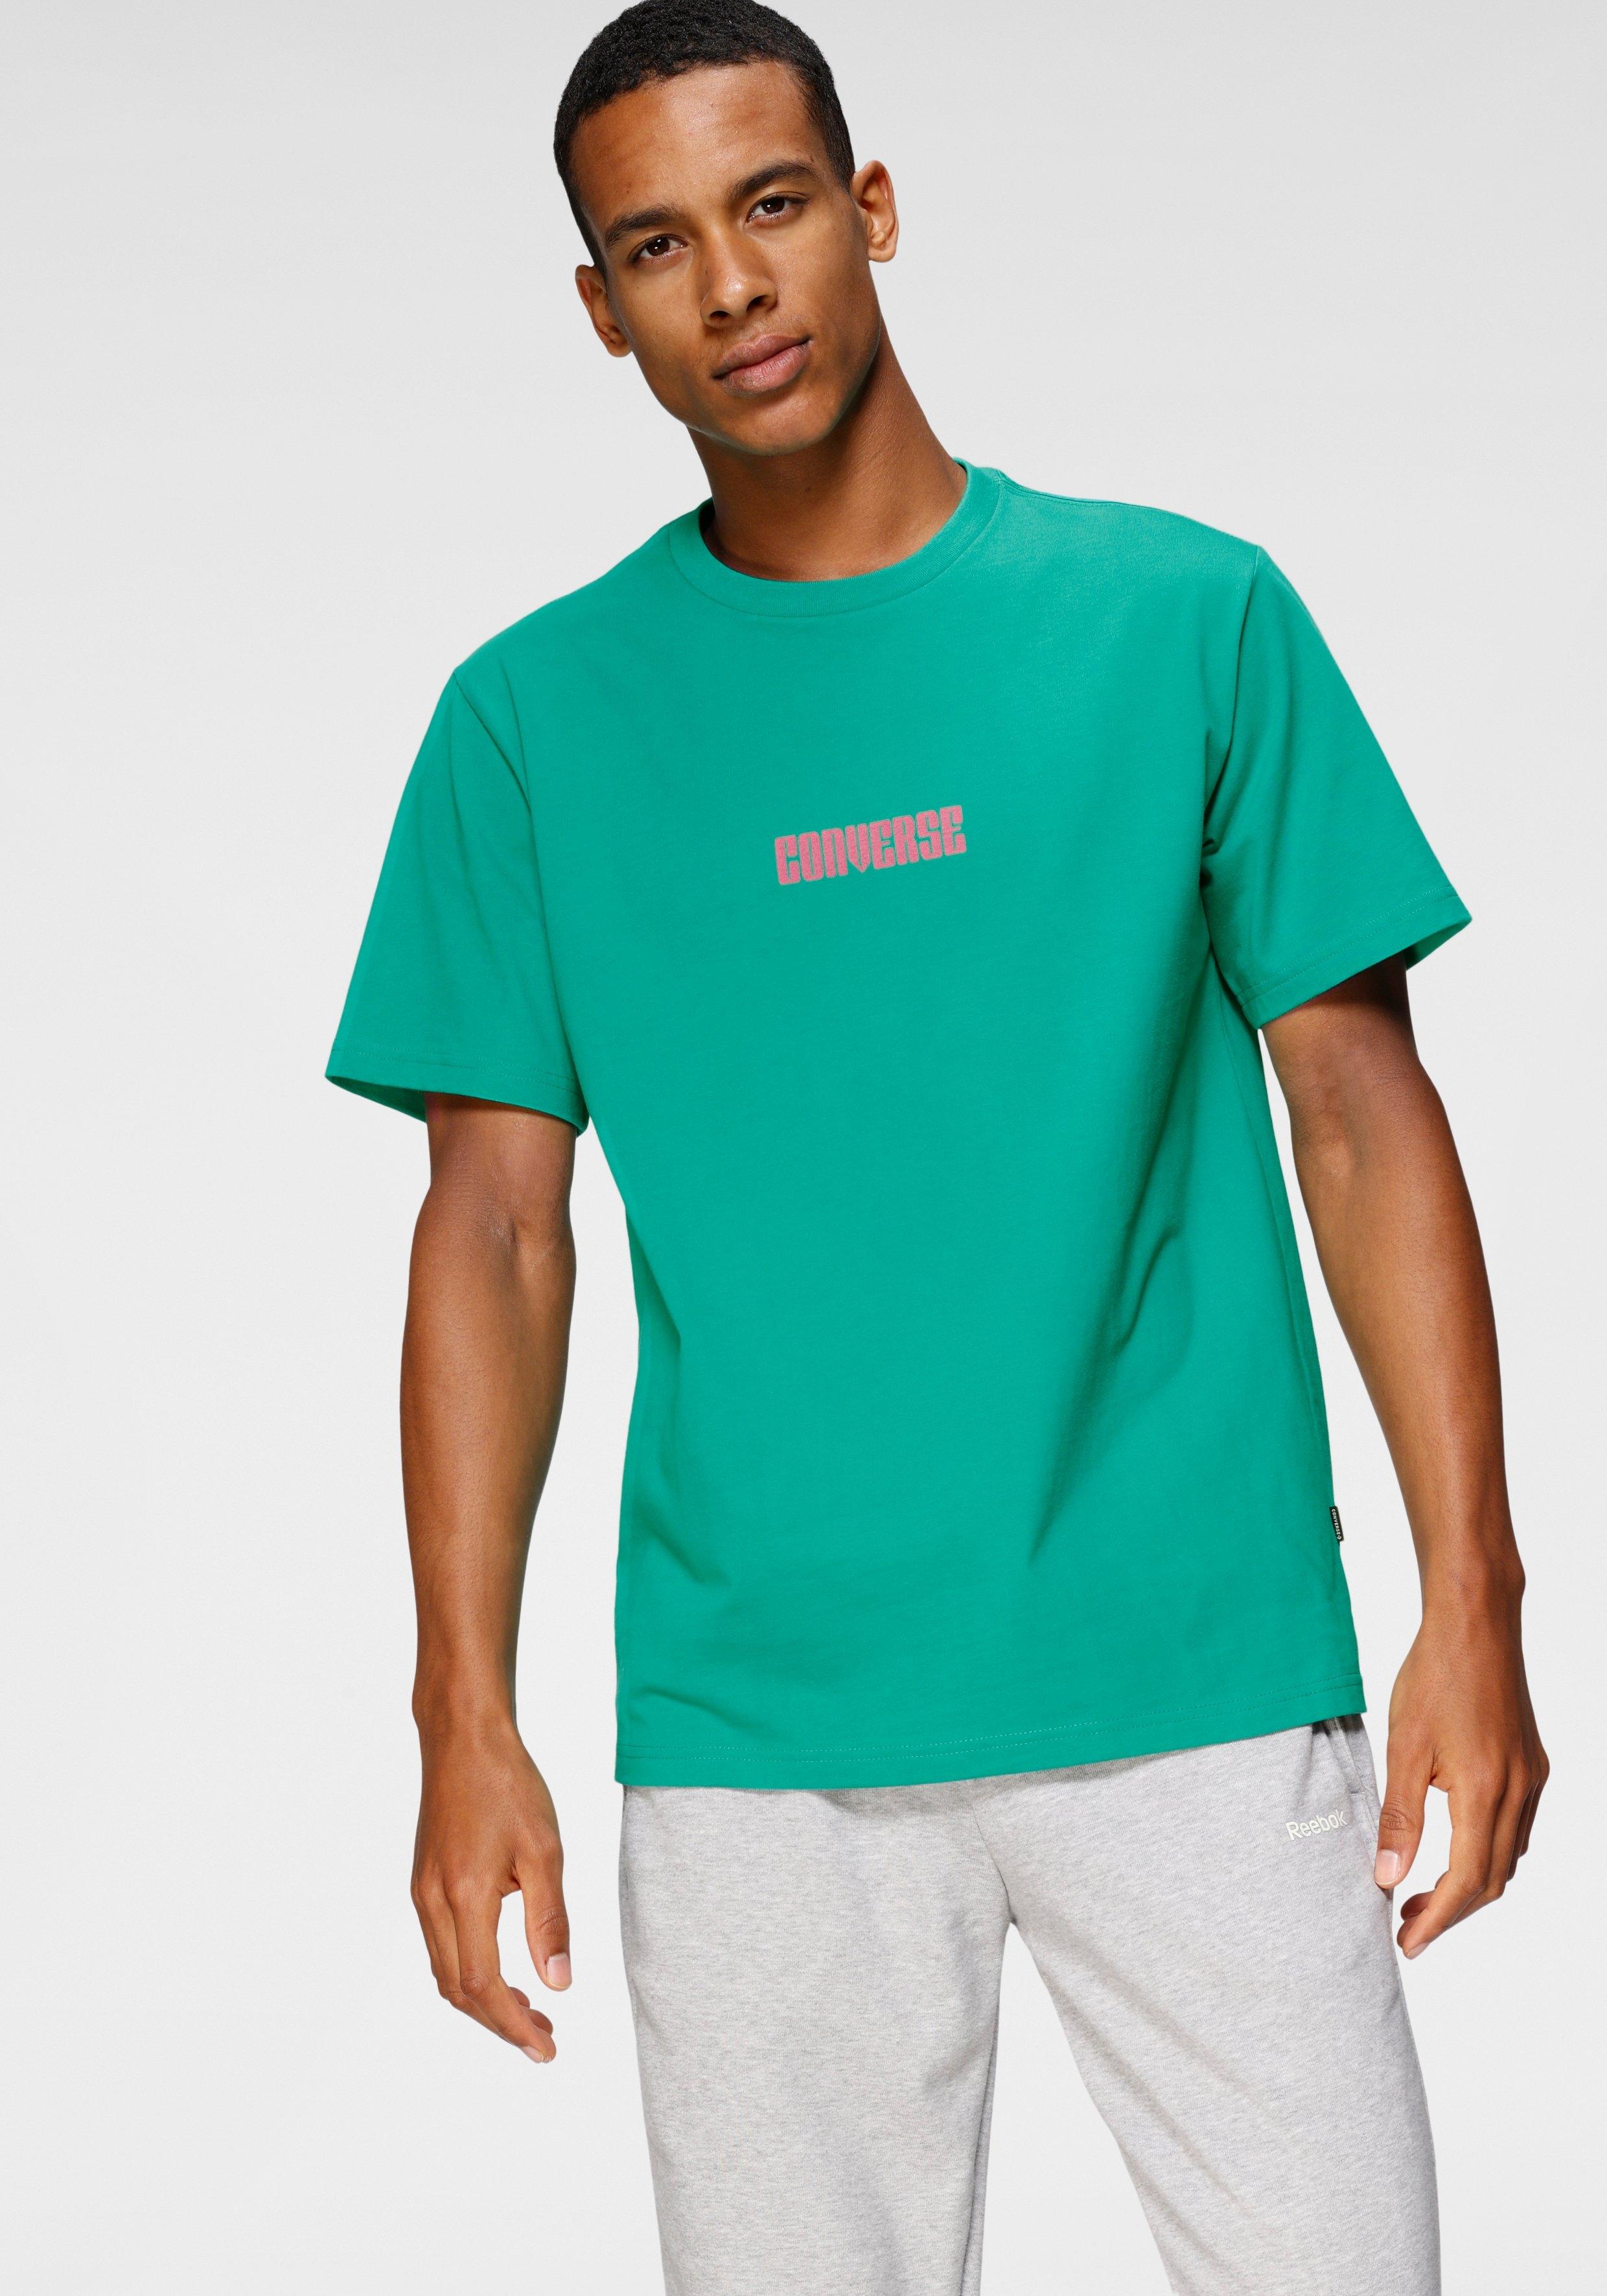 Converse T-shirt EXPLORER GRAPHIC TEE nu online kopen bij OTTO